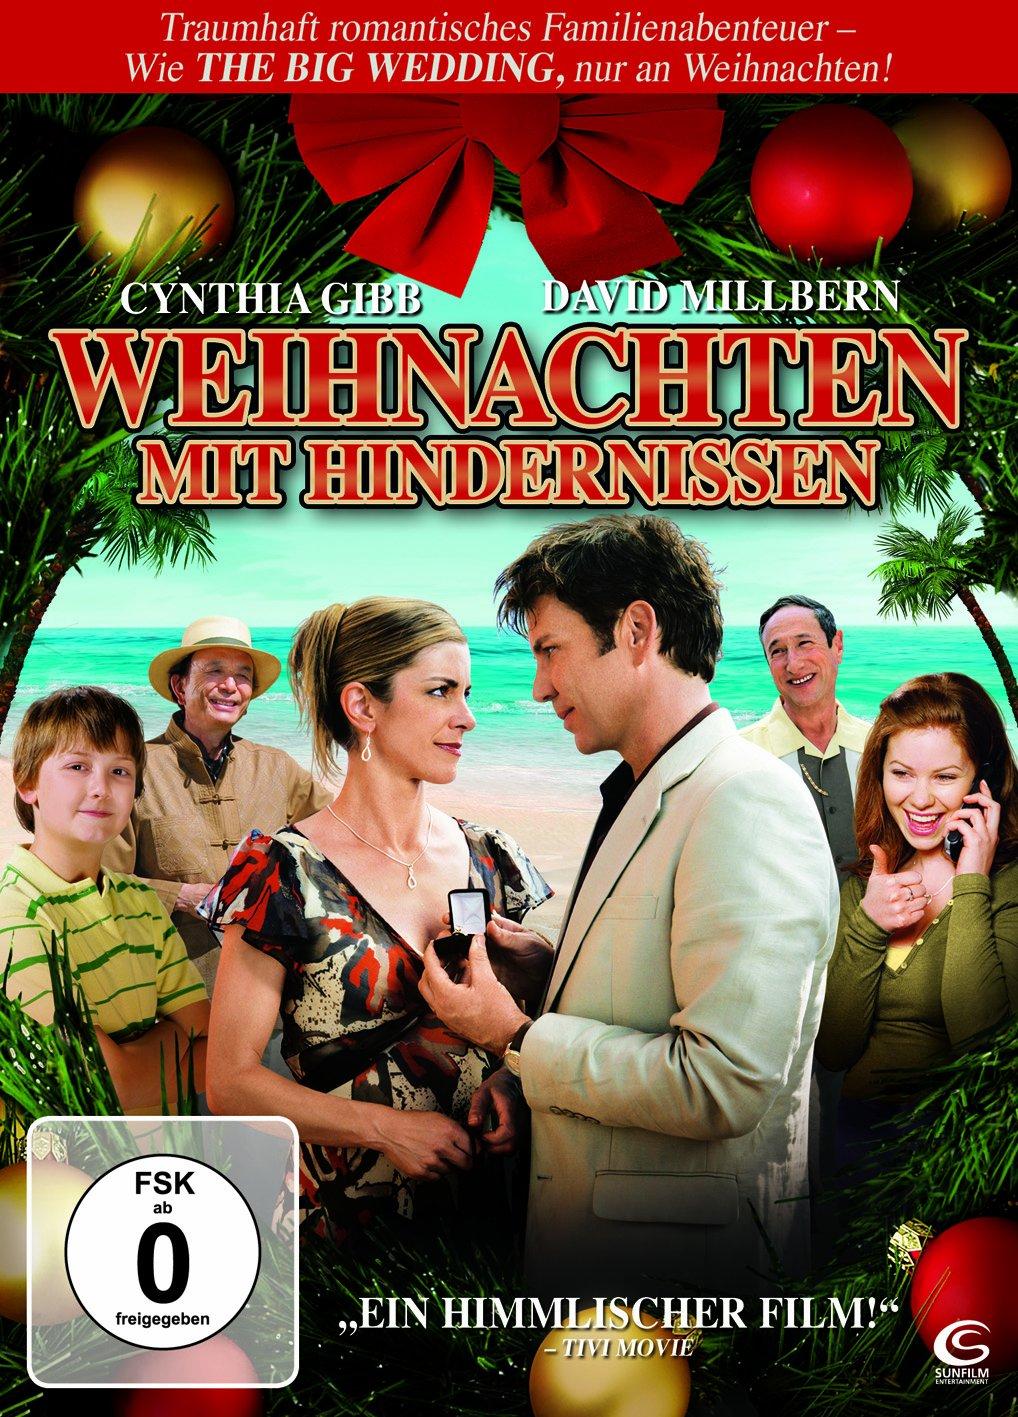 Weihnachten mit Hindernissen: Amazon.de: Cynthia Gibb, David ...